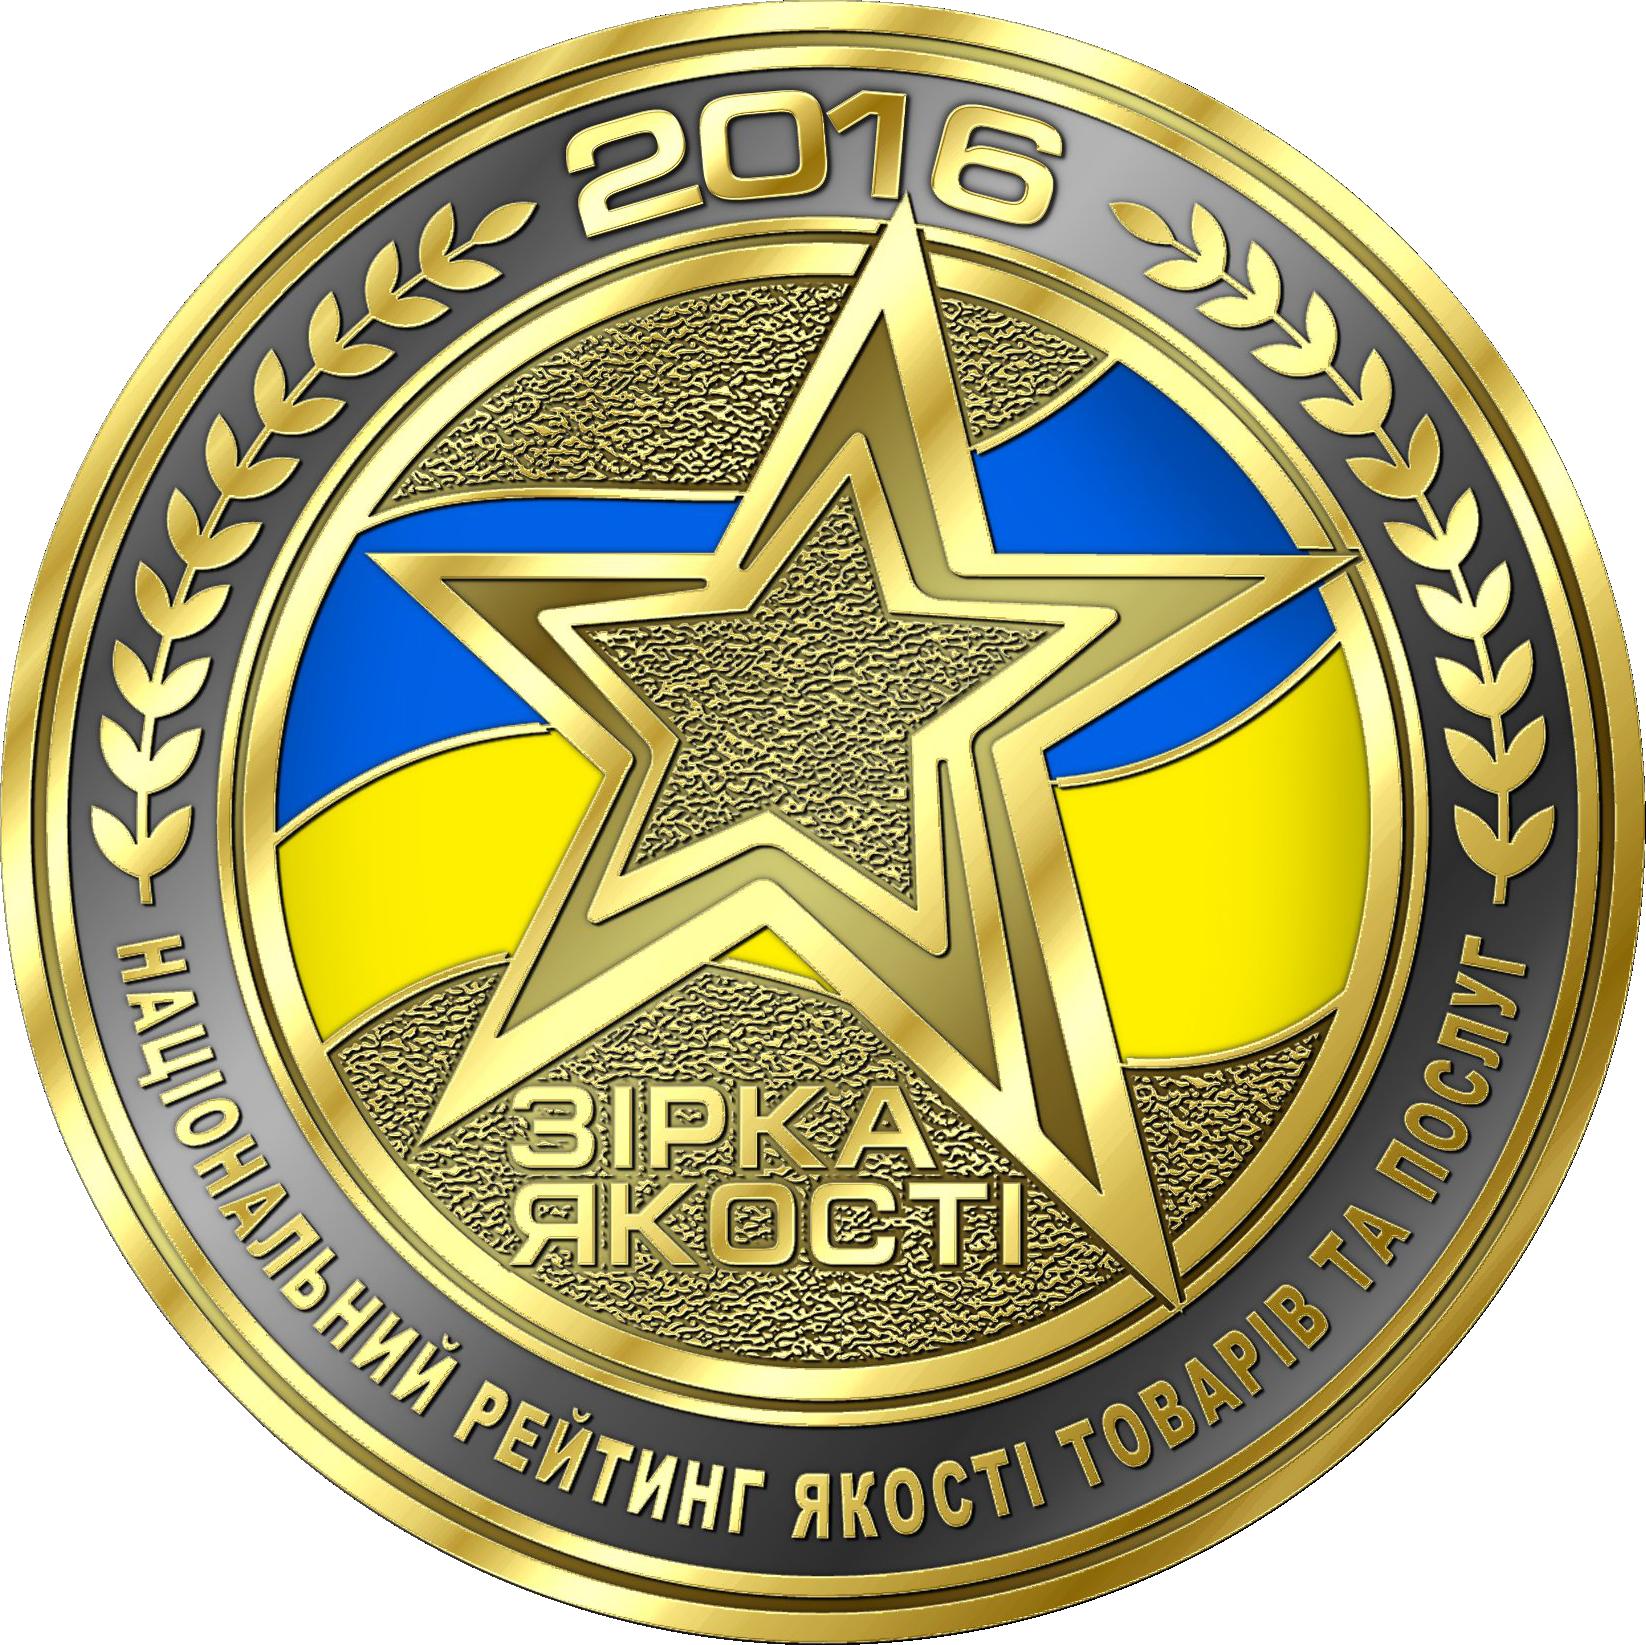 Ломбард  «Комод» отримав  почесну нагороду «Зірка якості 2016» за вагомий внесок в розвиток економіки нашої країни.